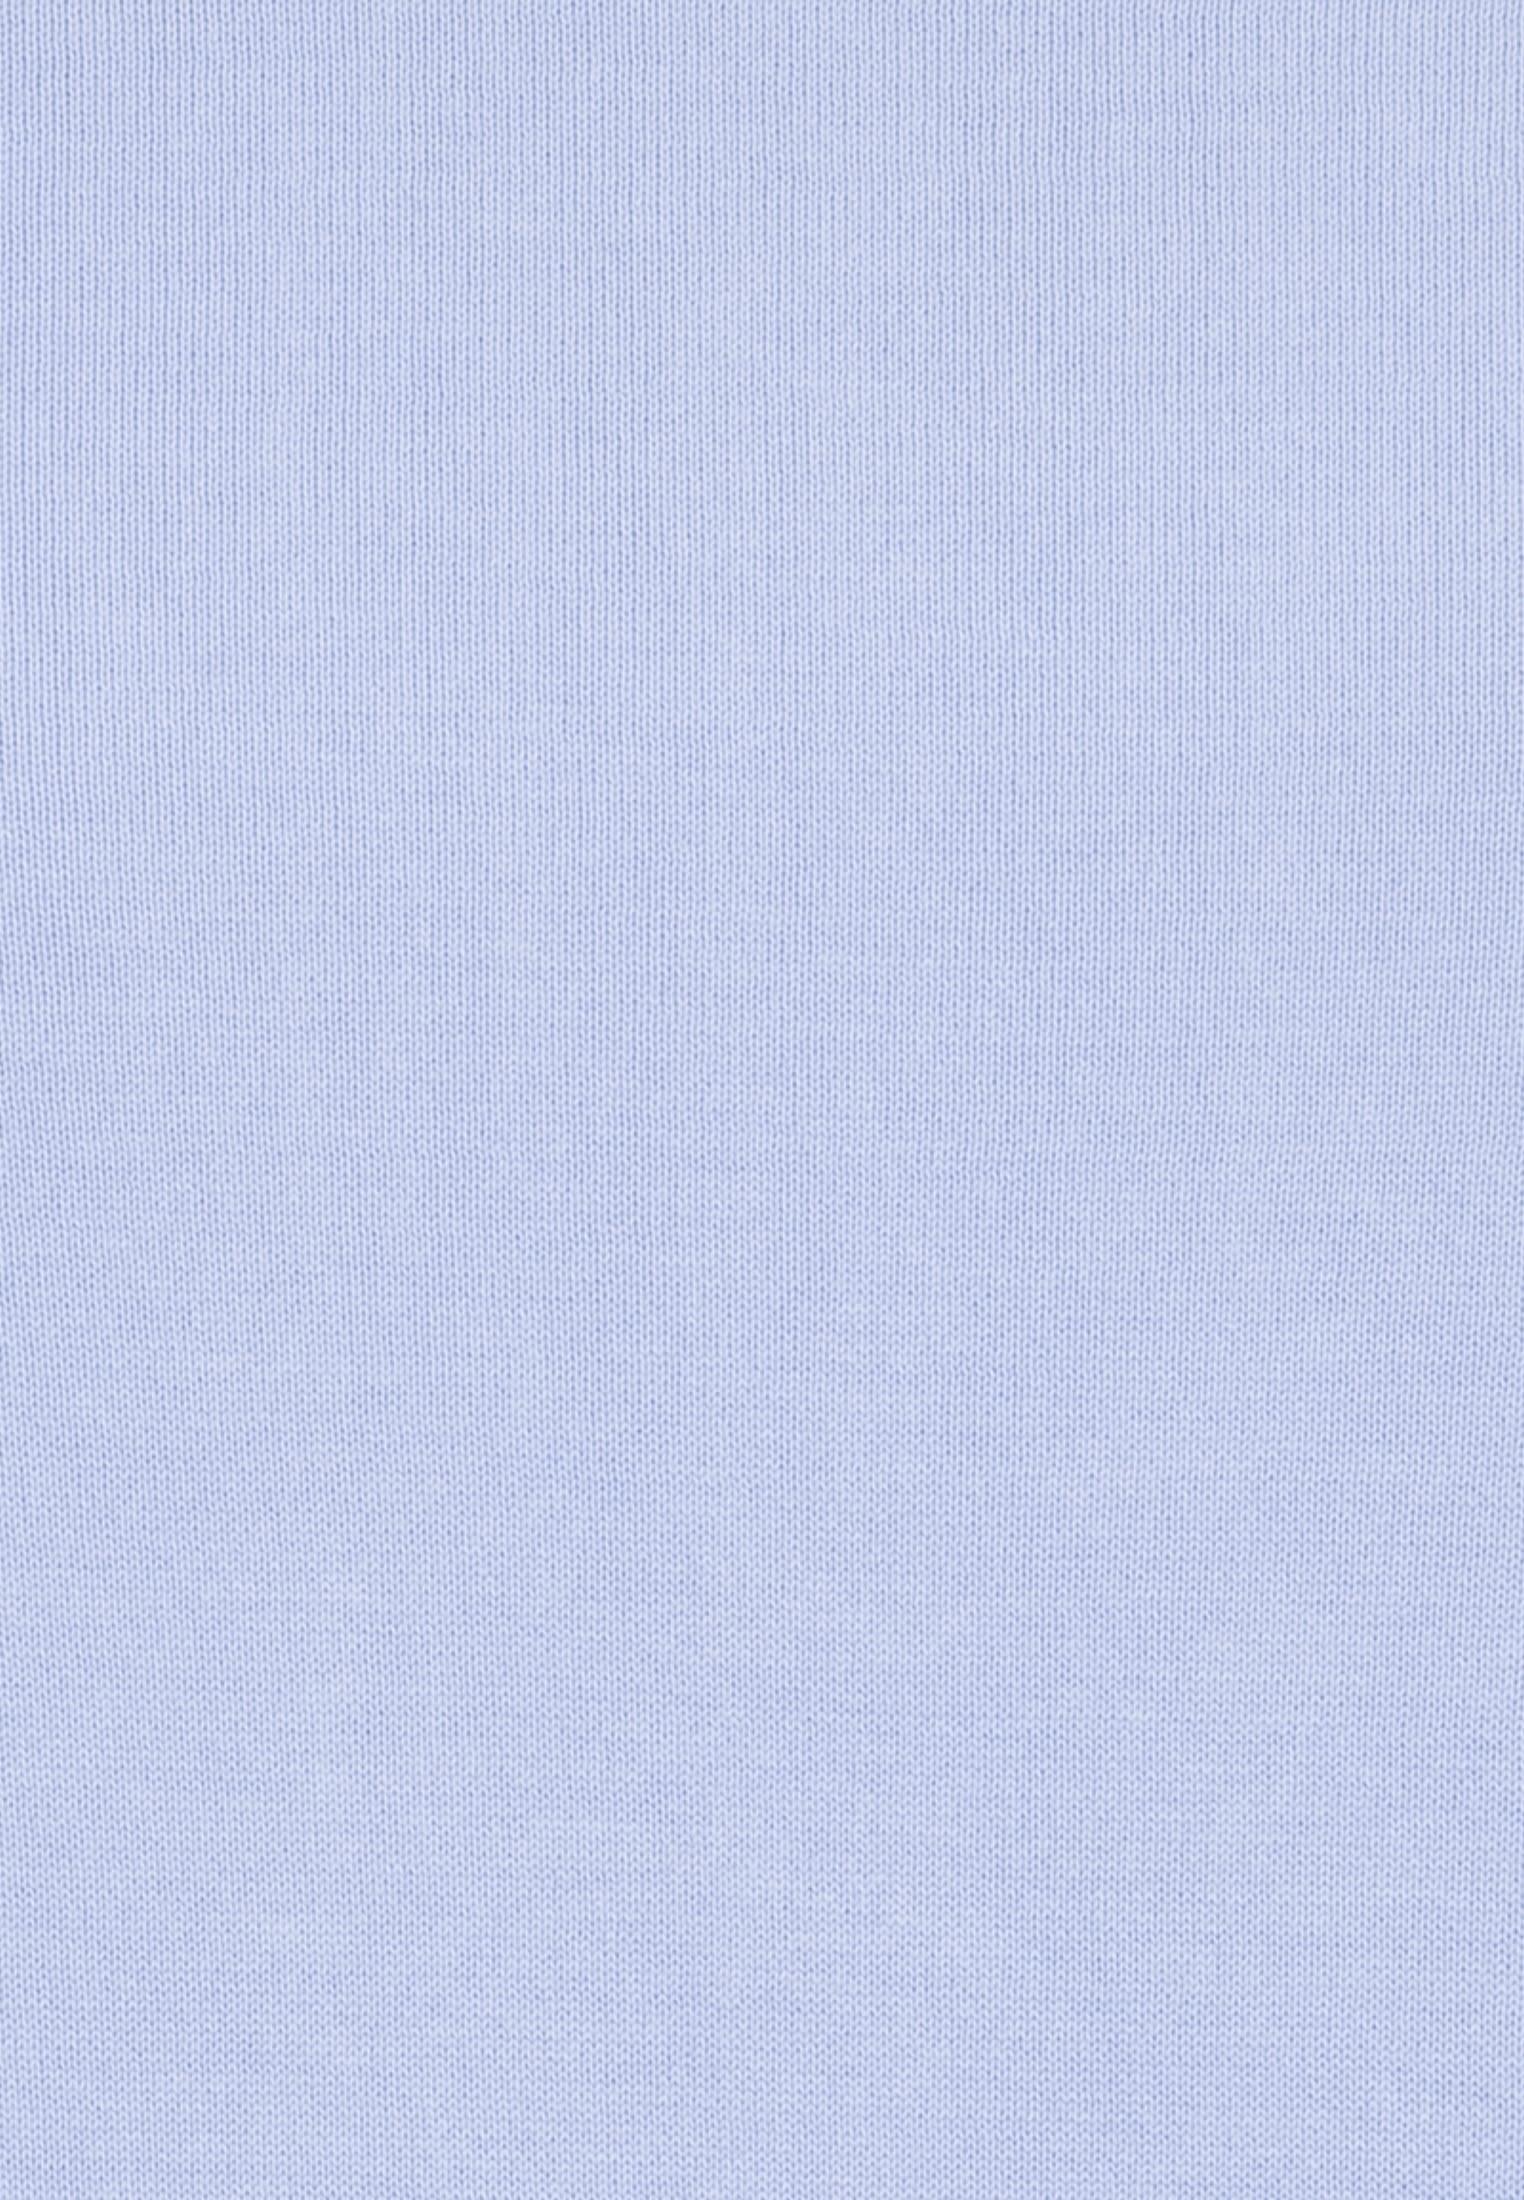 Crew Neck Pullover made of 100% Cotton in hellblau |  Seidensticker Onlineshop